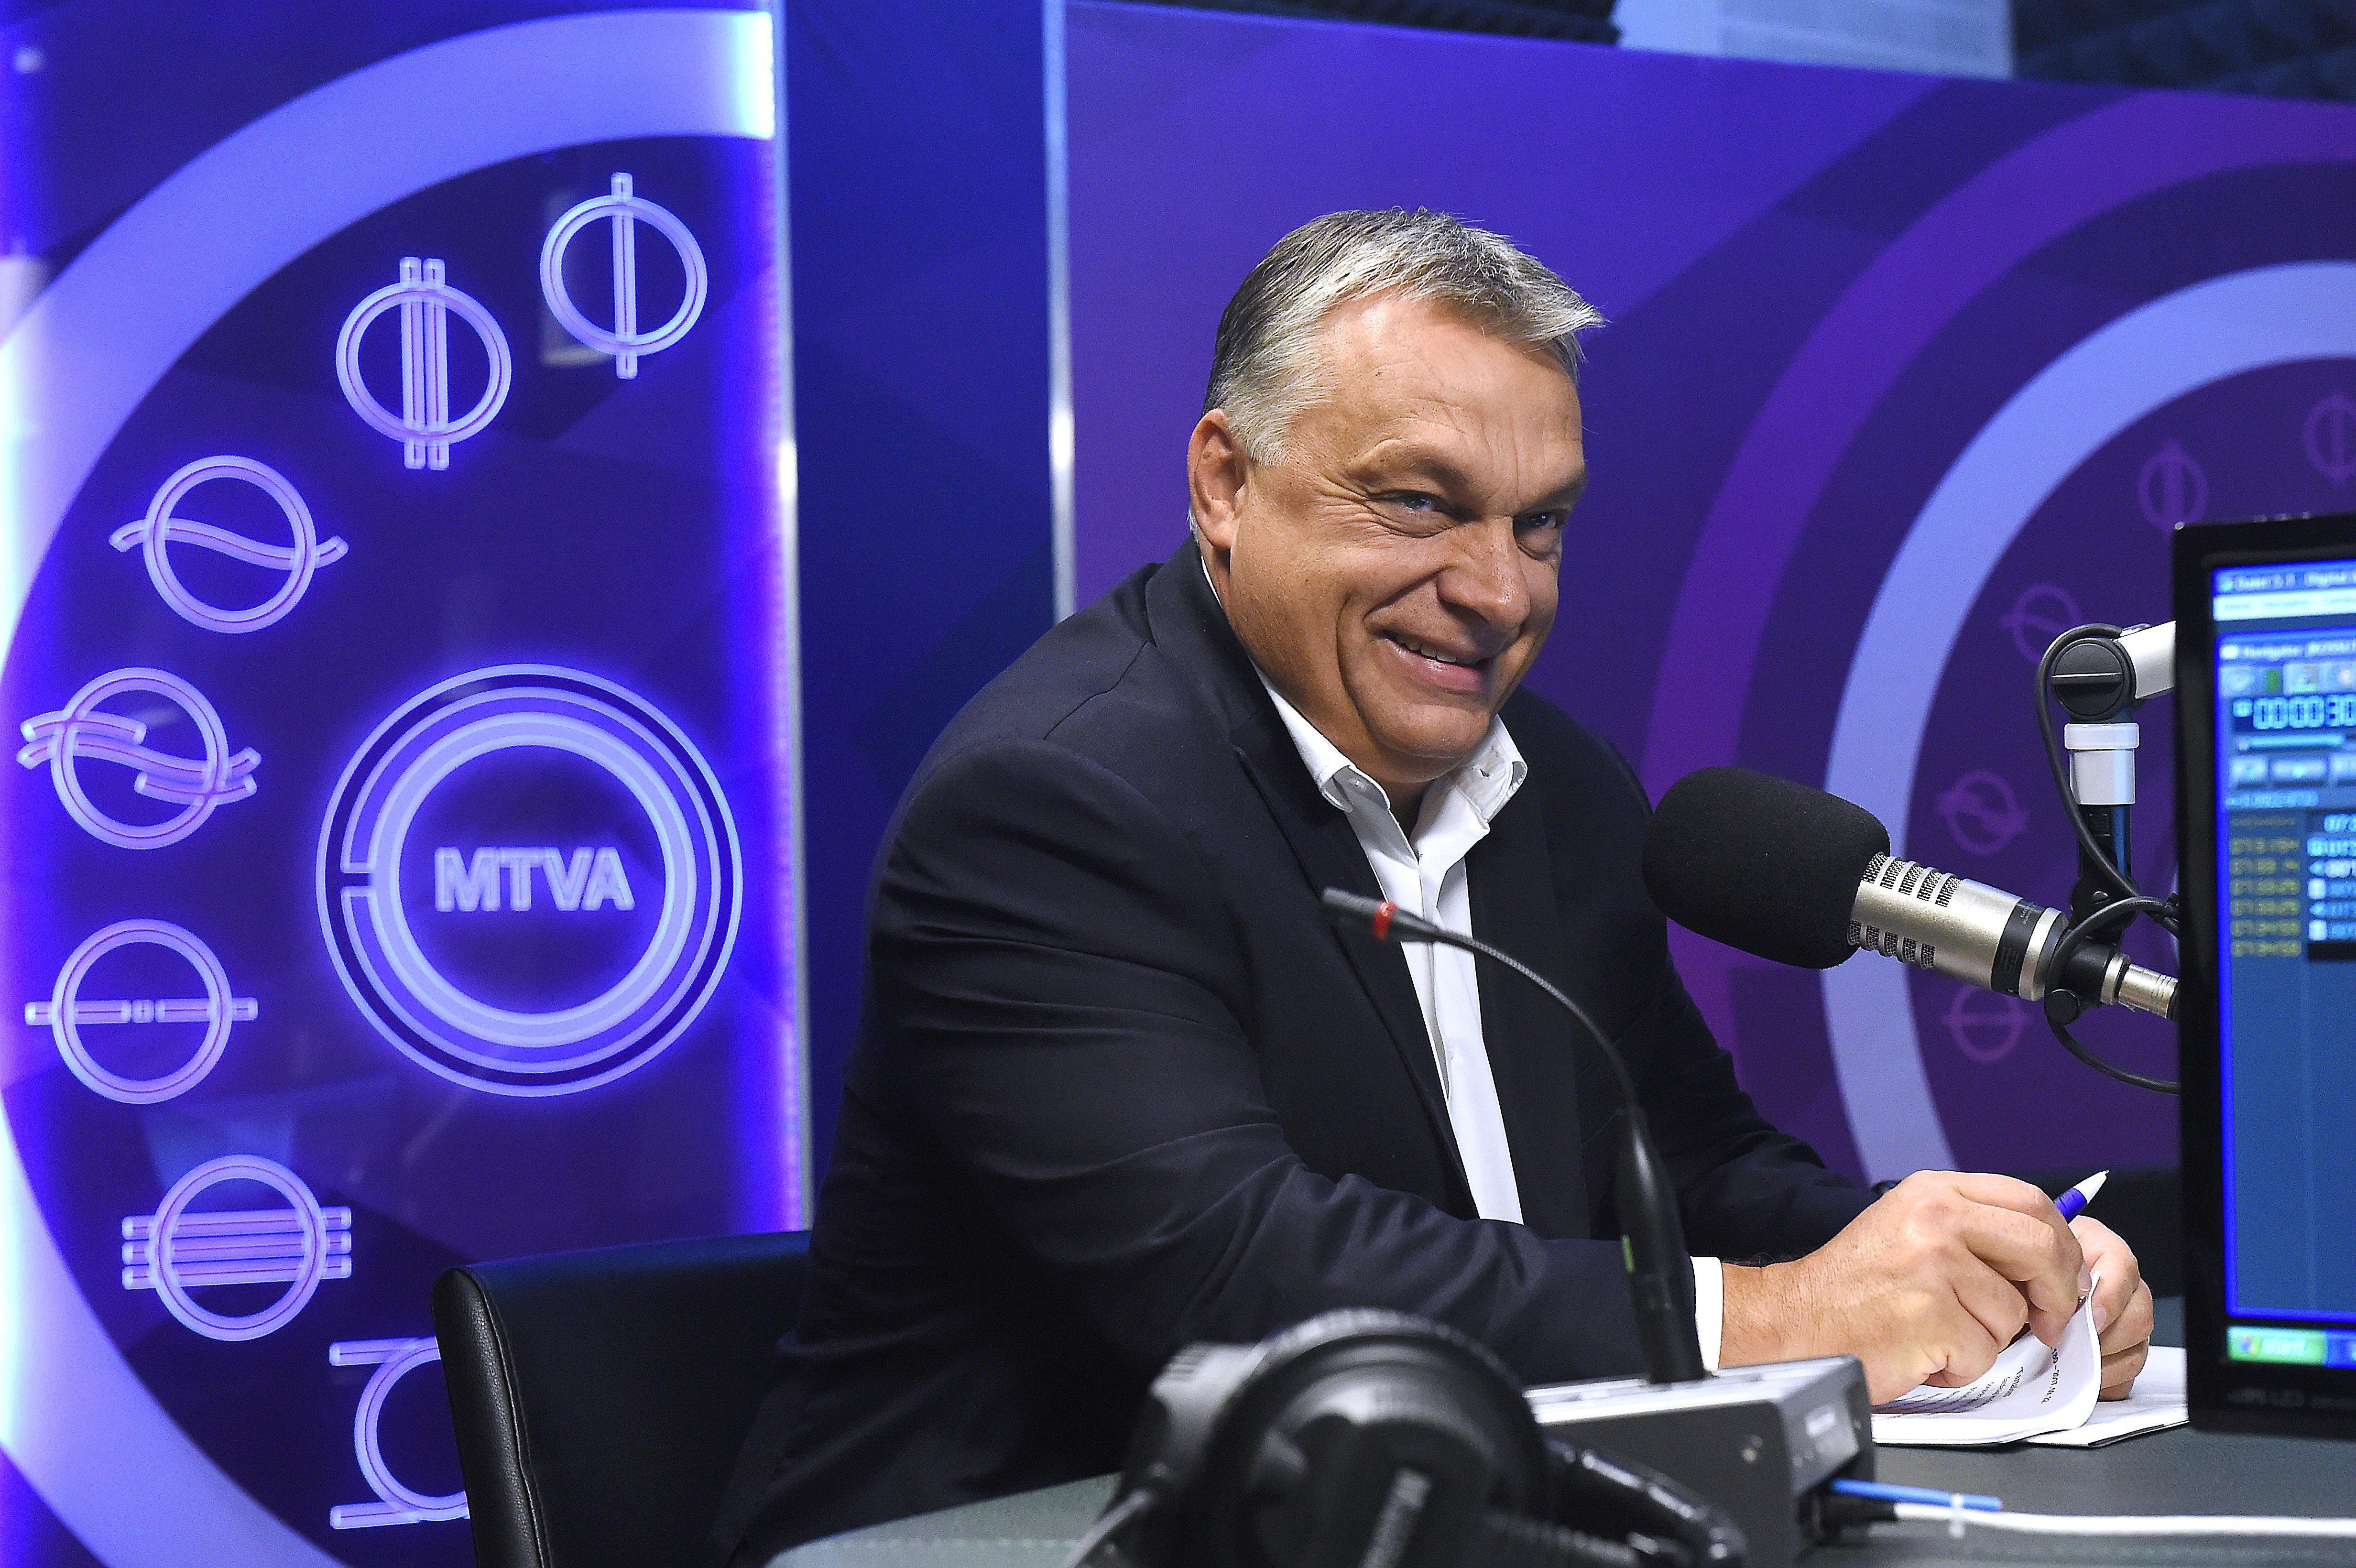 Mi lett a szabadságharccal? Orbán hirtelen sikerként értékeli, hogy az ország 2,5 milliárd eurónyi hitelt vesz fel